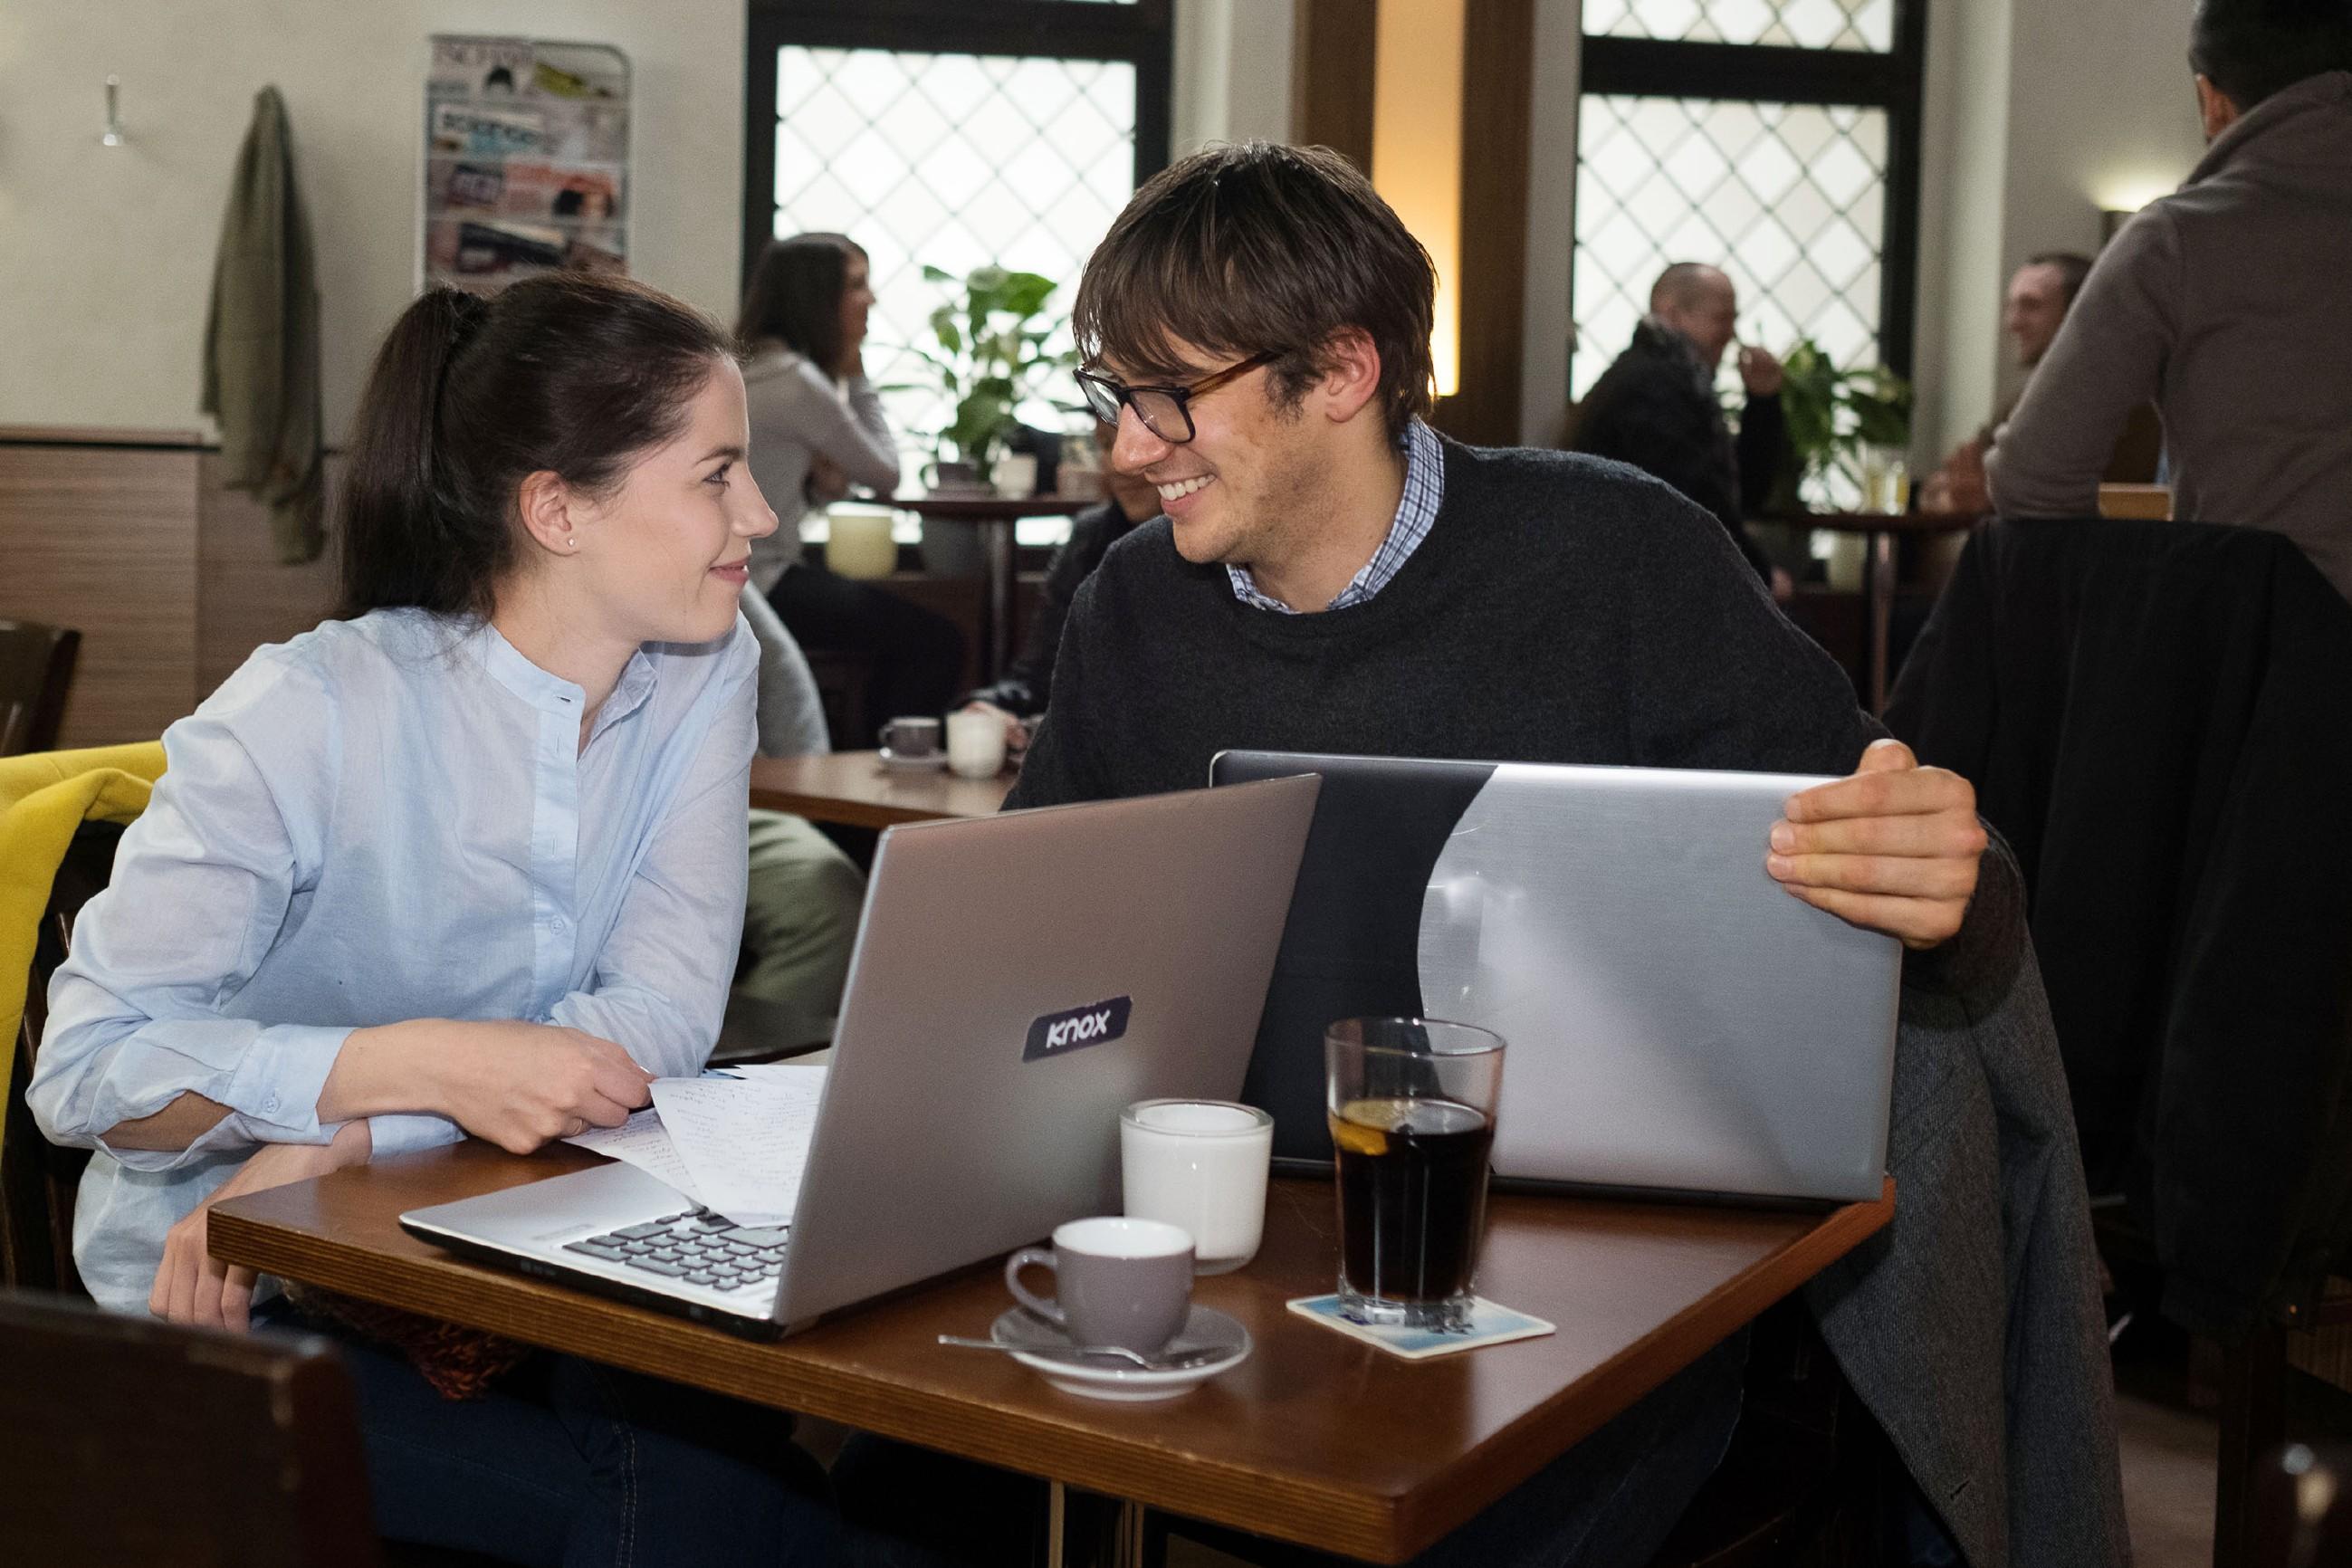 Sina (Valea Katharina Scalabrino) und Lukas (Philipp Oliver Baumgarten) reißen sich für die gemeinsame Aufgabe zusammen und merken dabei überrascht, dass sie eigentlich ein gutes Team sind... (Foto: RTL / Stefan Behrens)